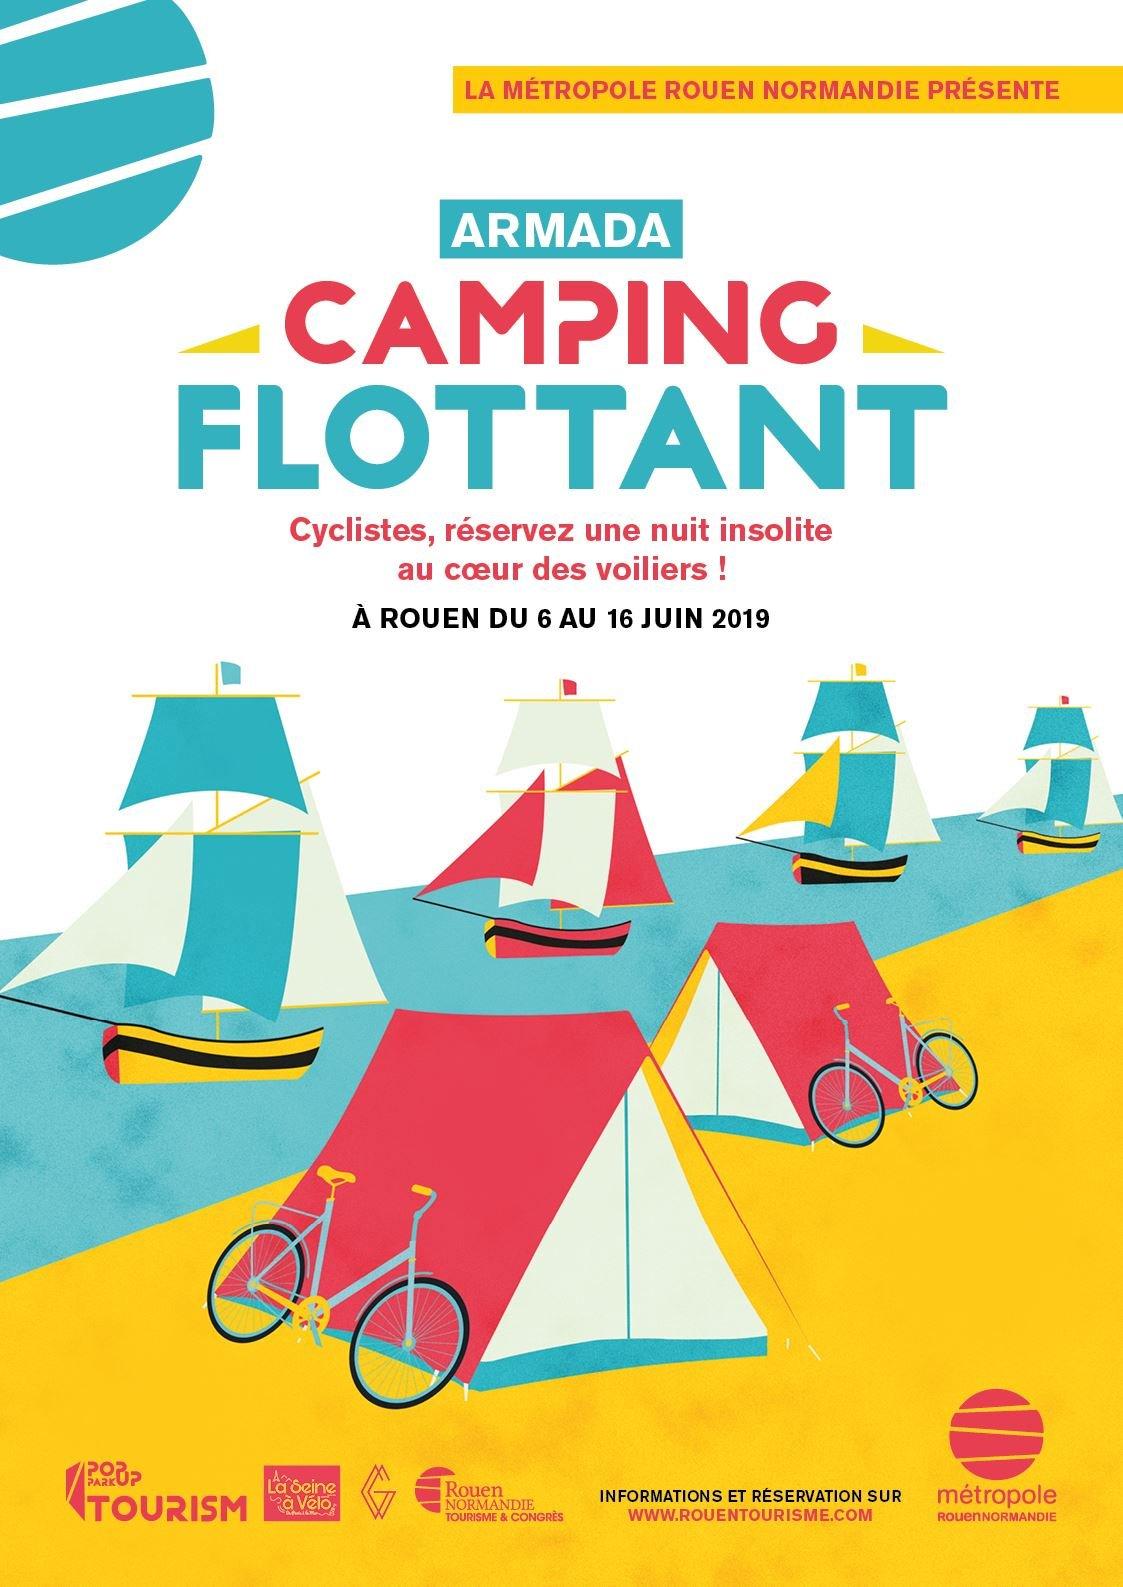 Camping flottant au cœur de l'Armada : OFFRE TOUT PUBLIC